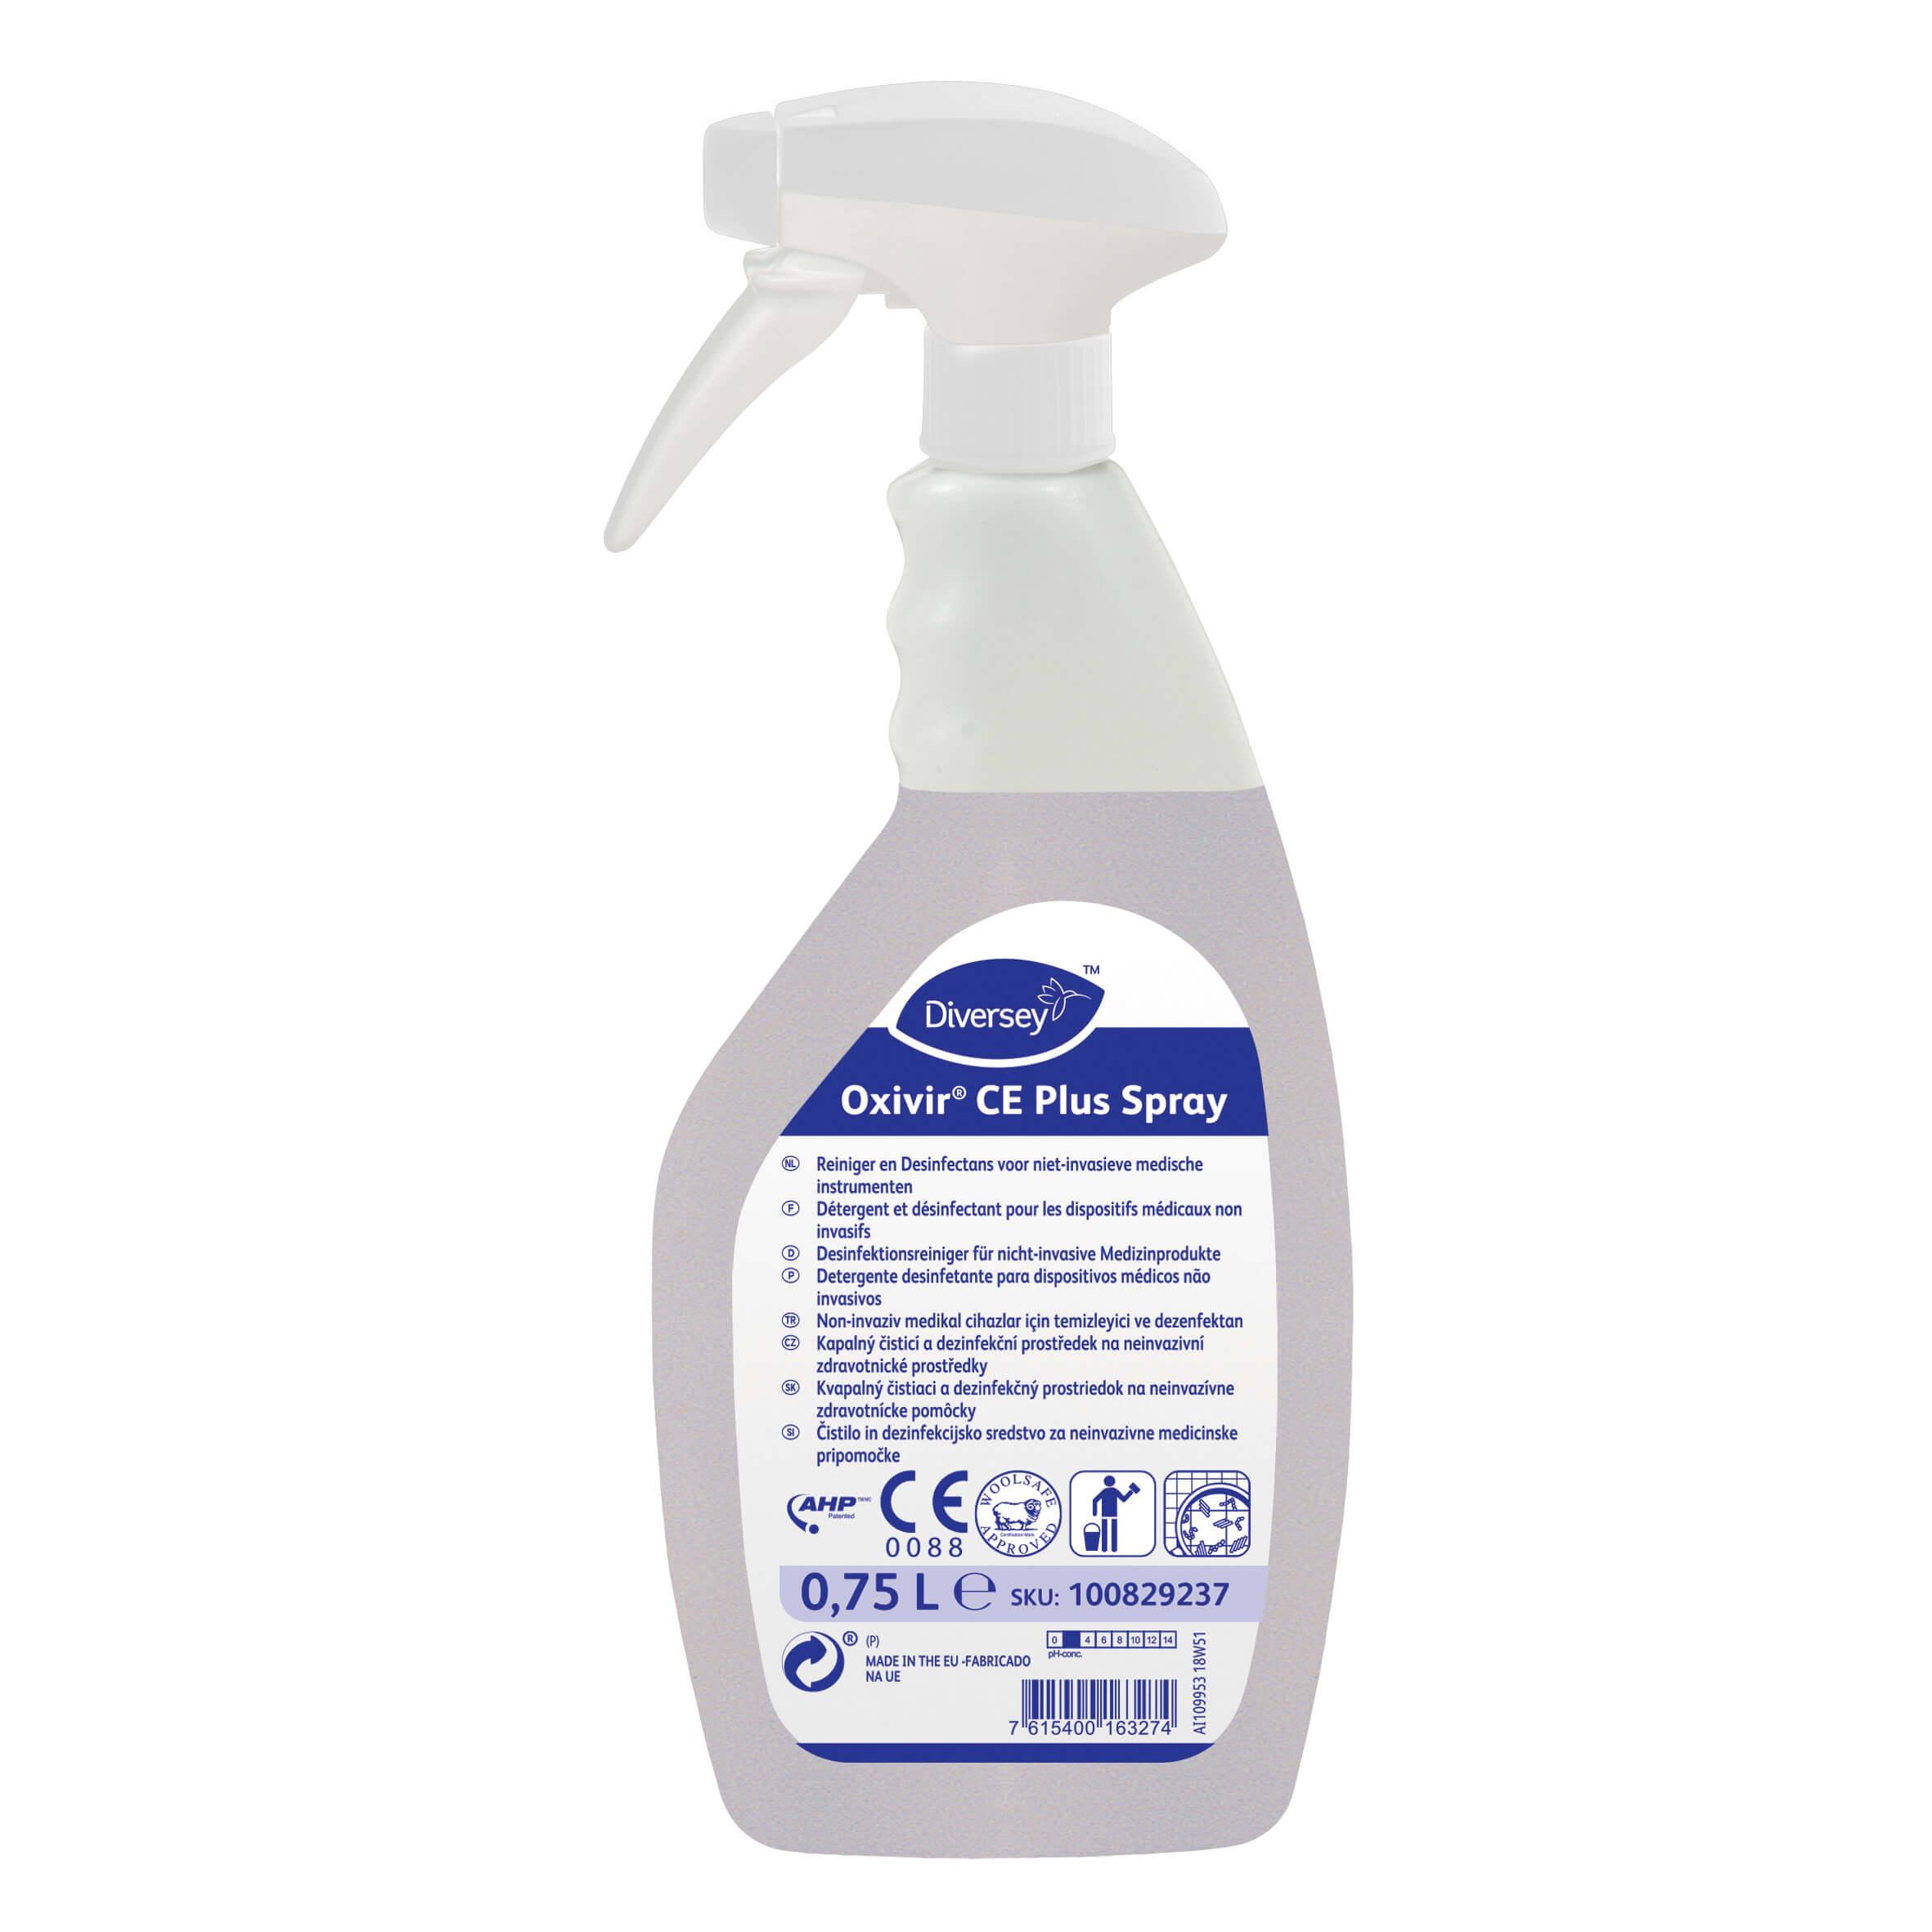 Oxivir Plus Spray